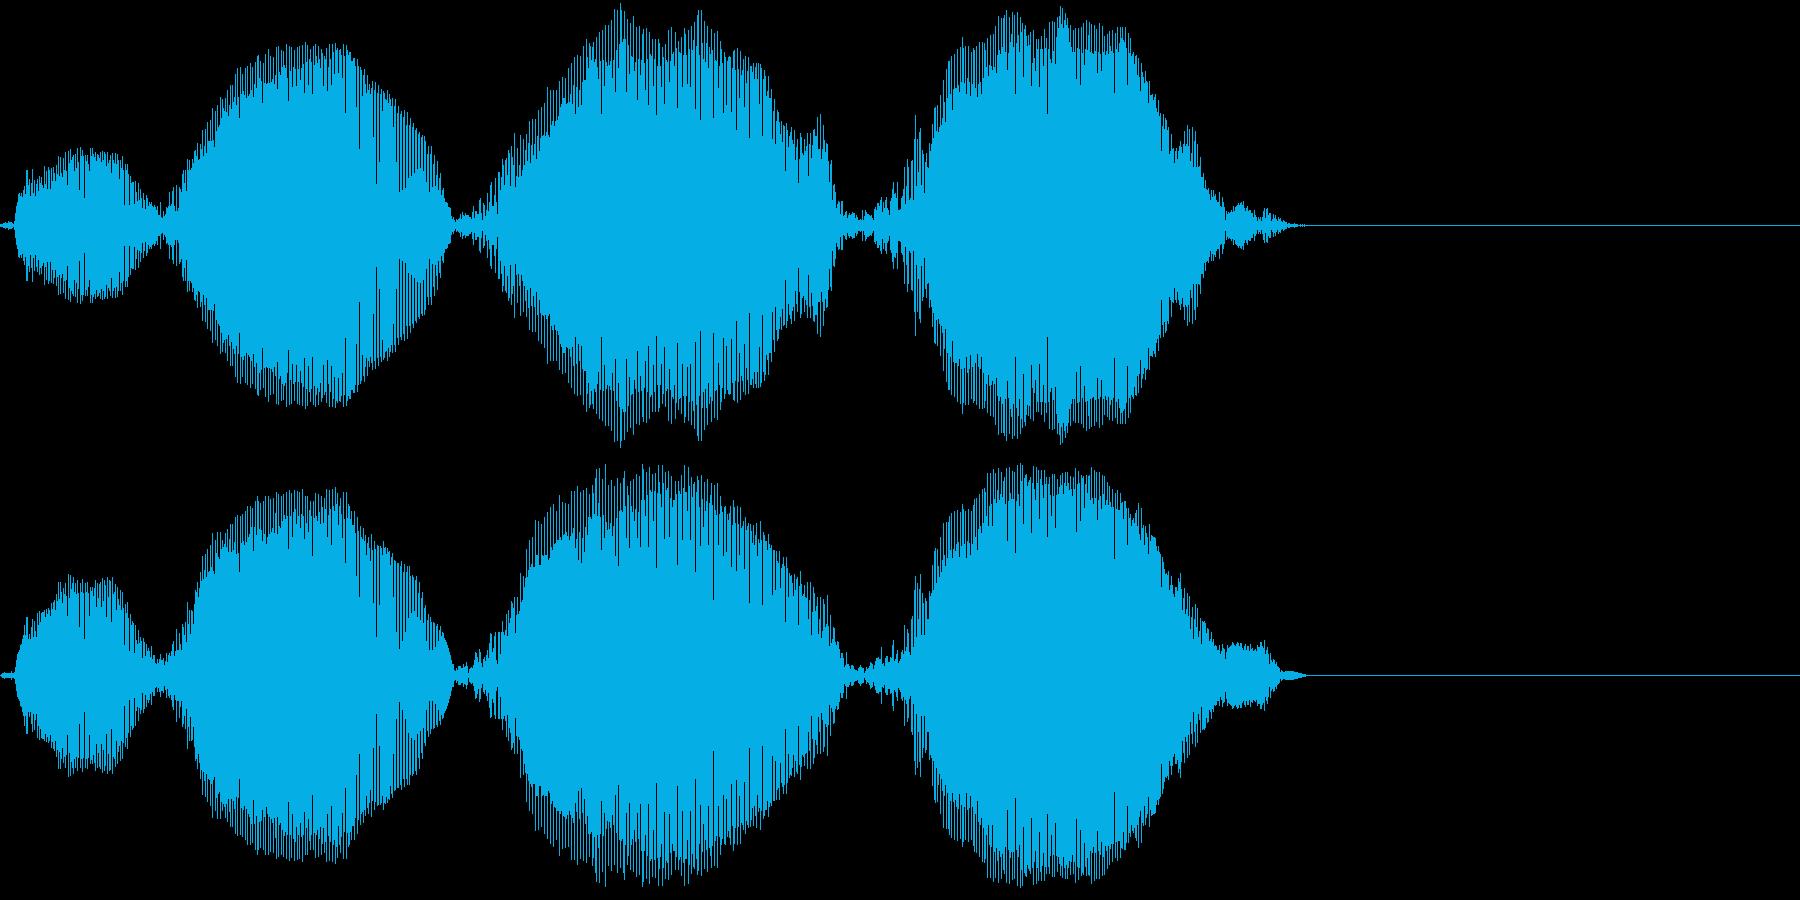 Animal リスザル風の鳴き声 小型猿の再生済みの波形